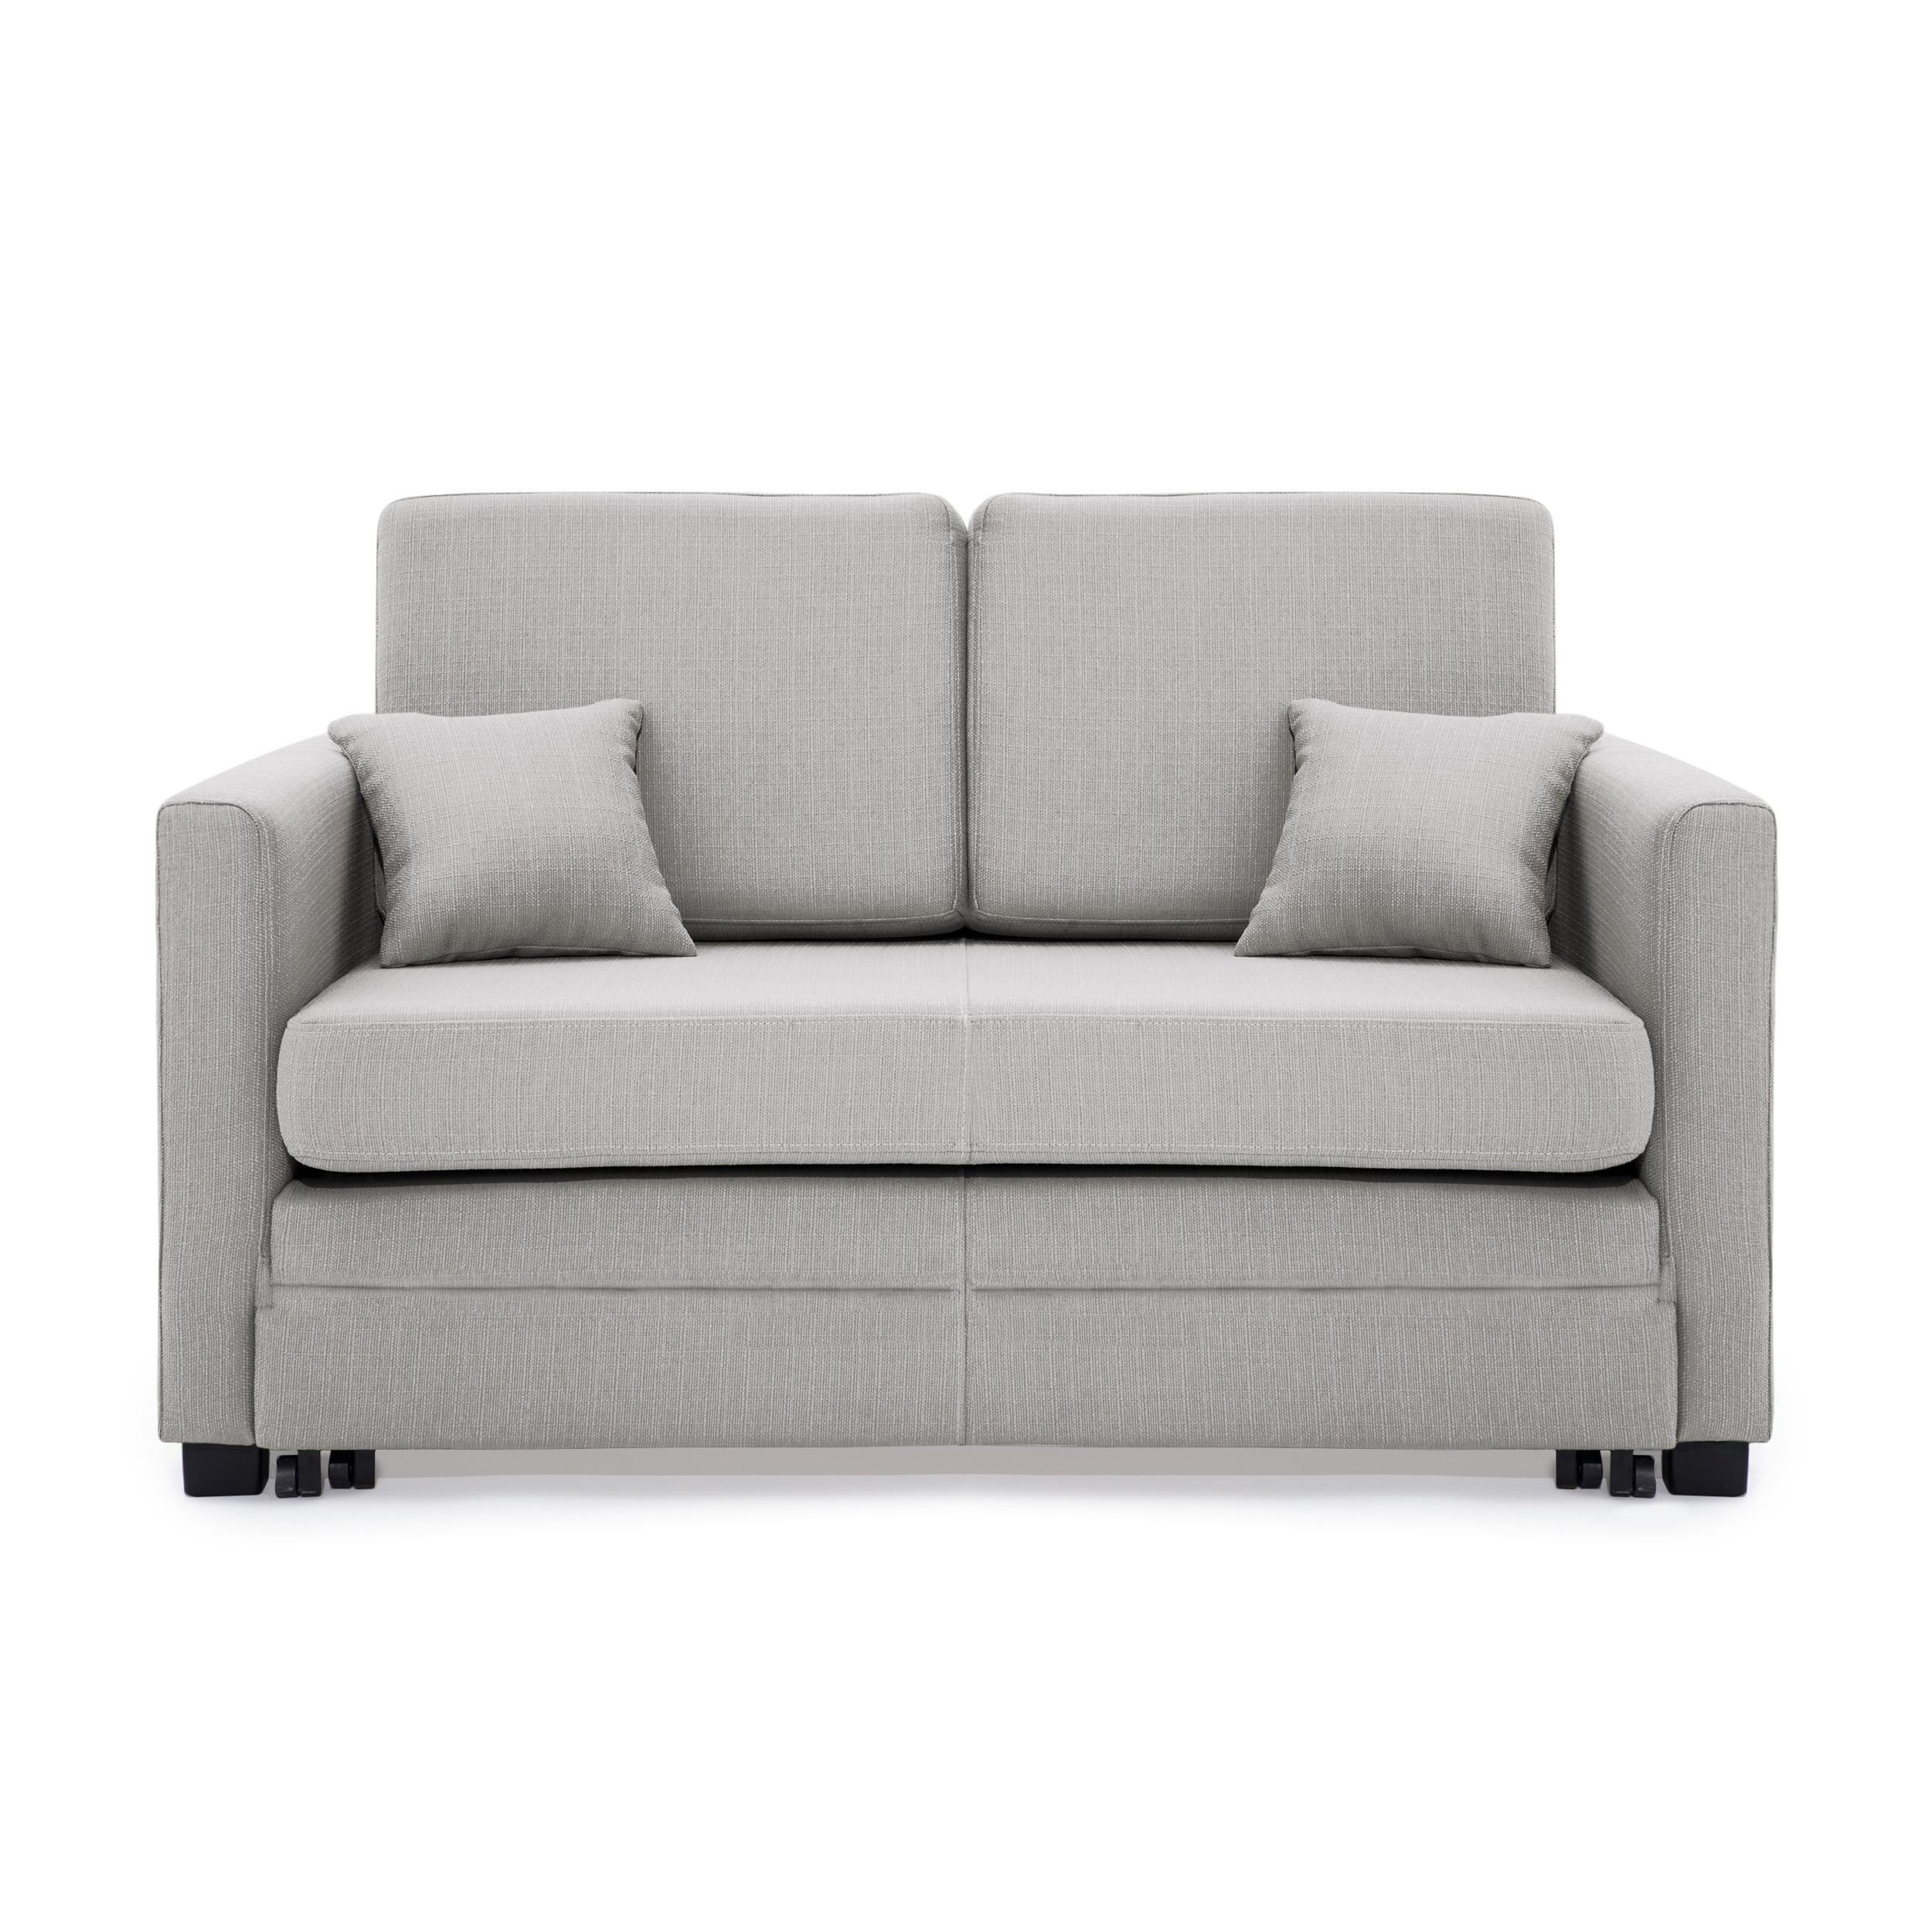 Canapea 2 locuri Brent Light Grey